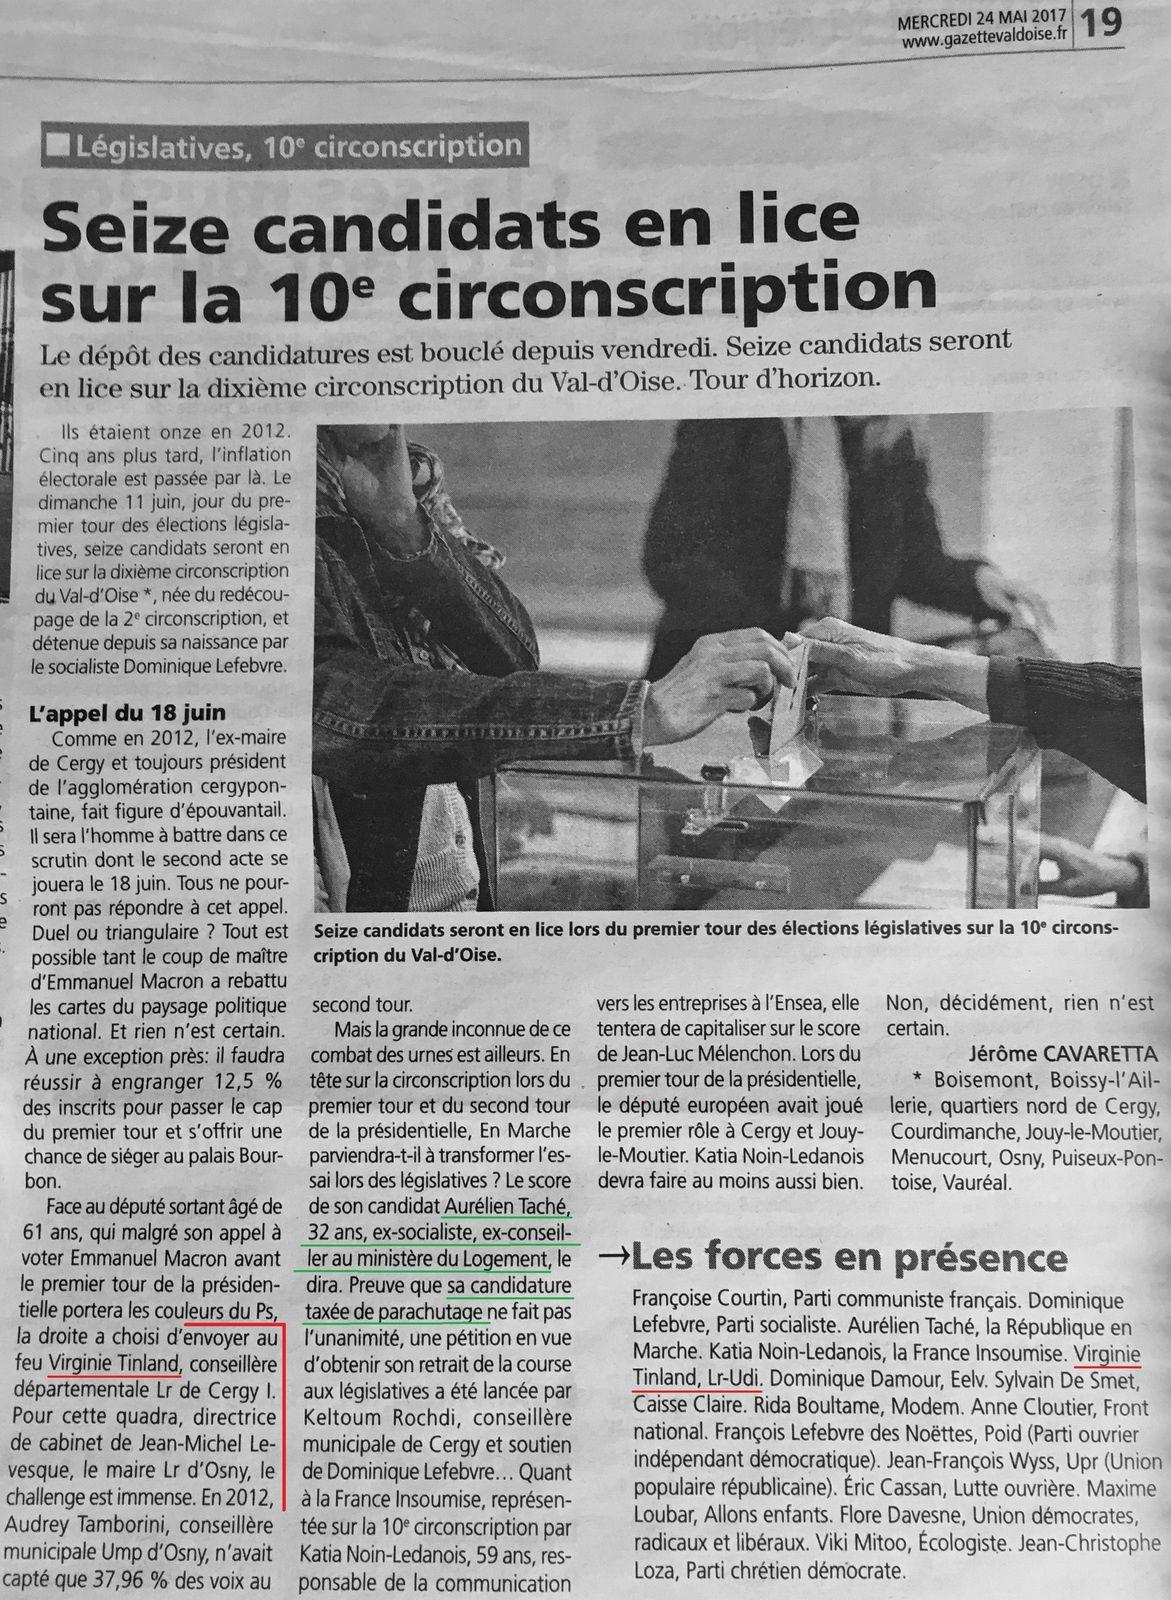 Seize candidats en lice sur le 10e circonscription (La Gazette du Val d'Oise)